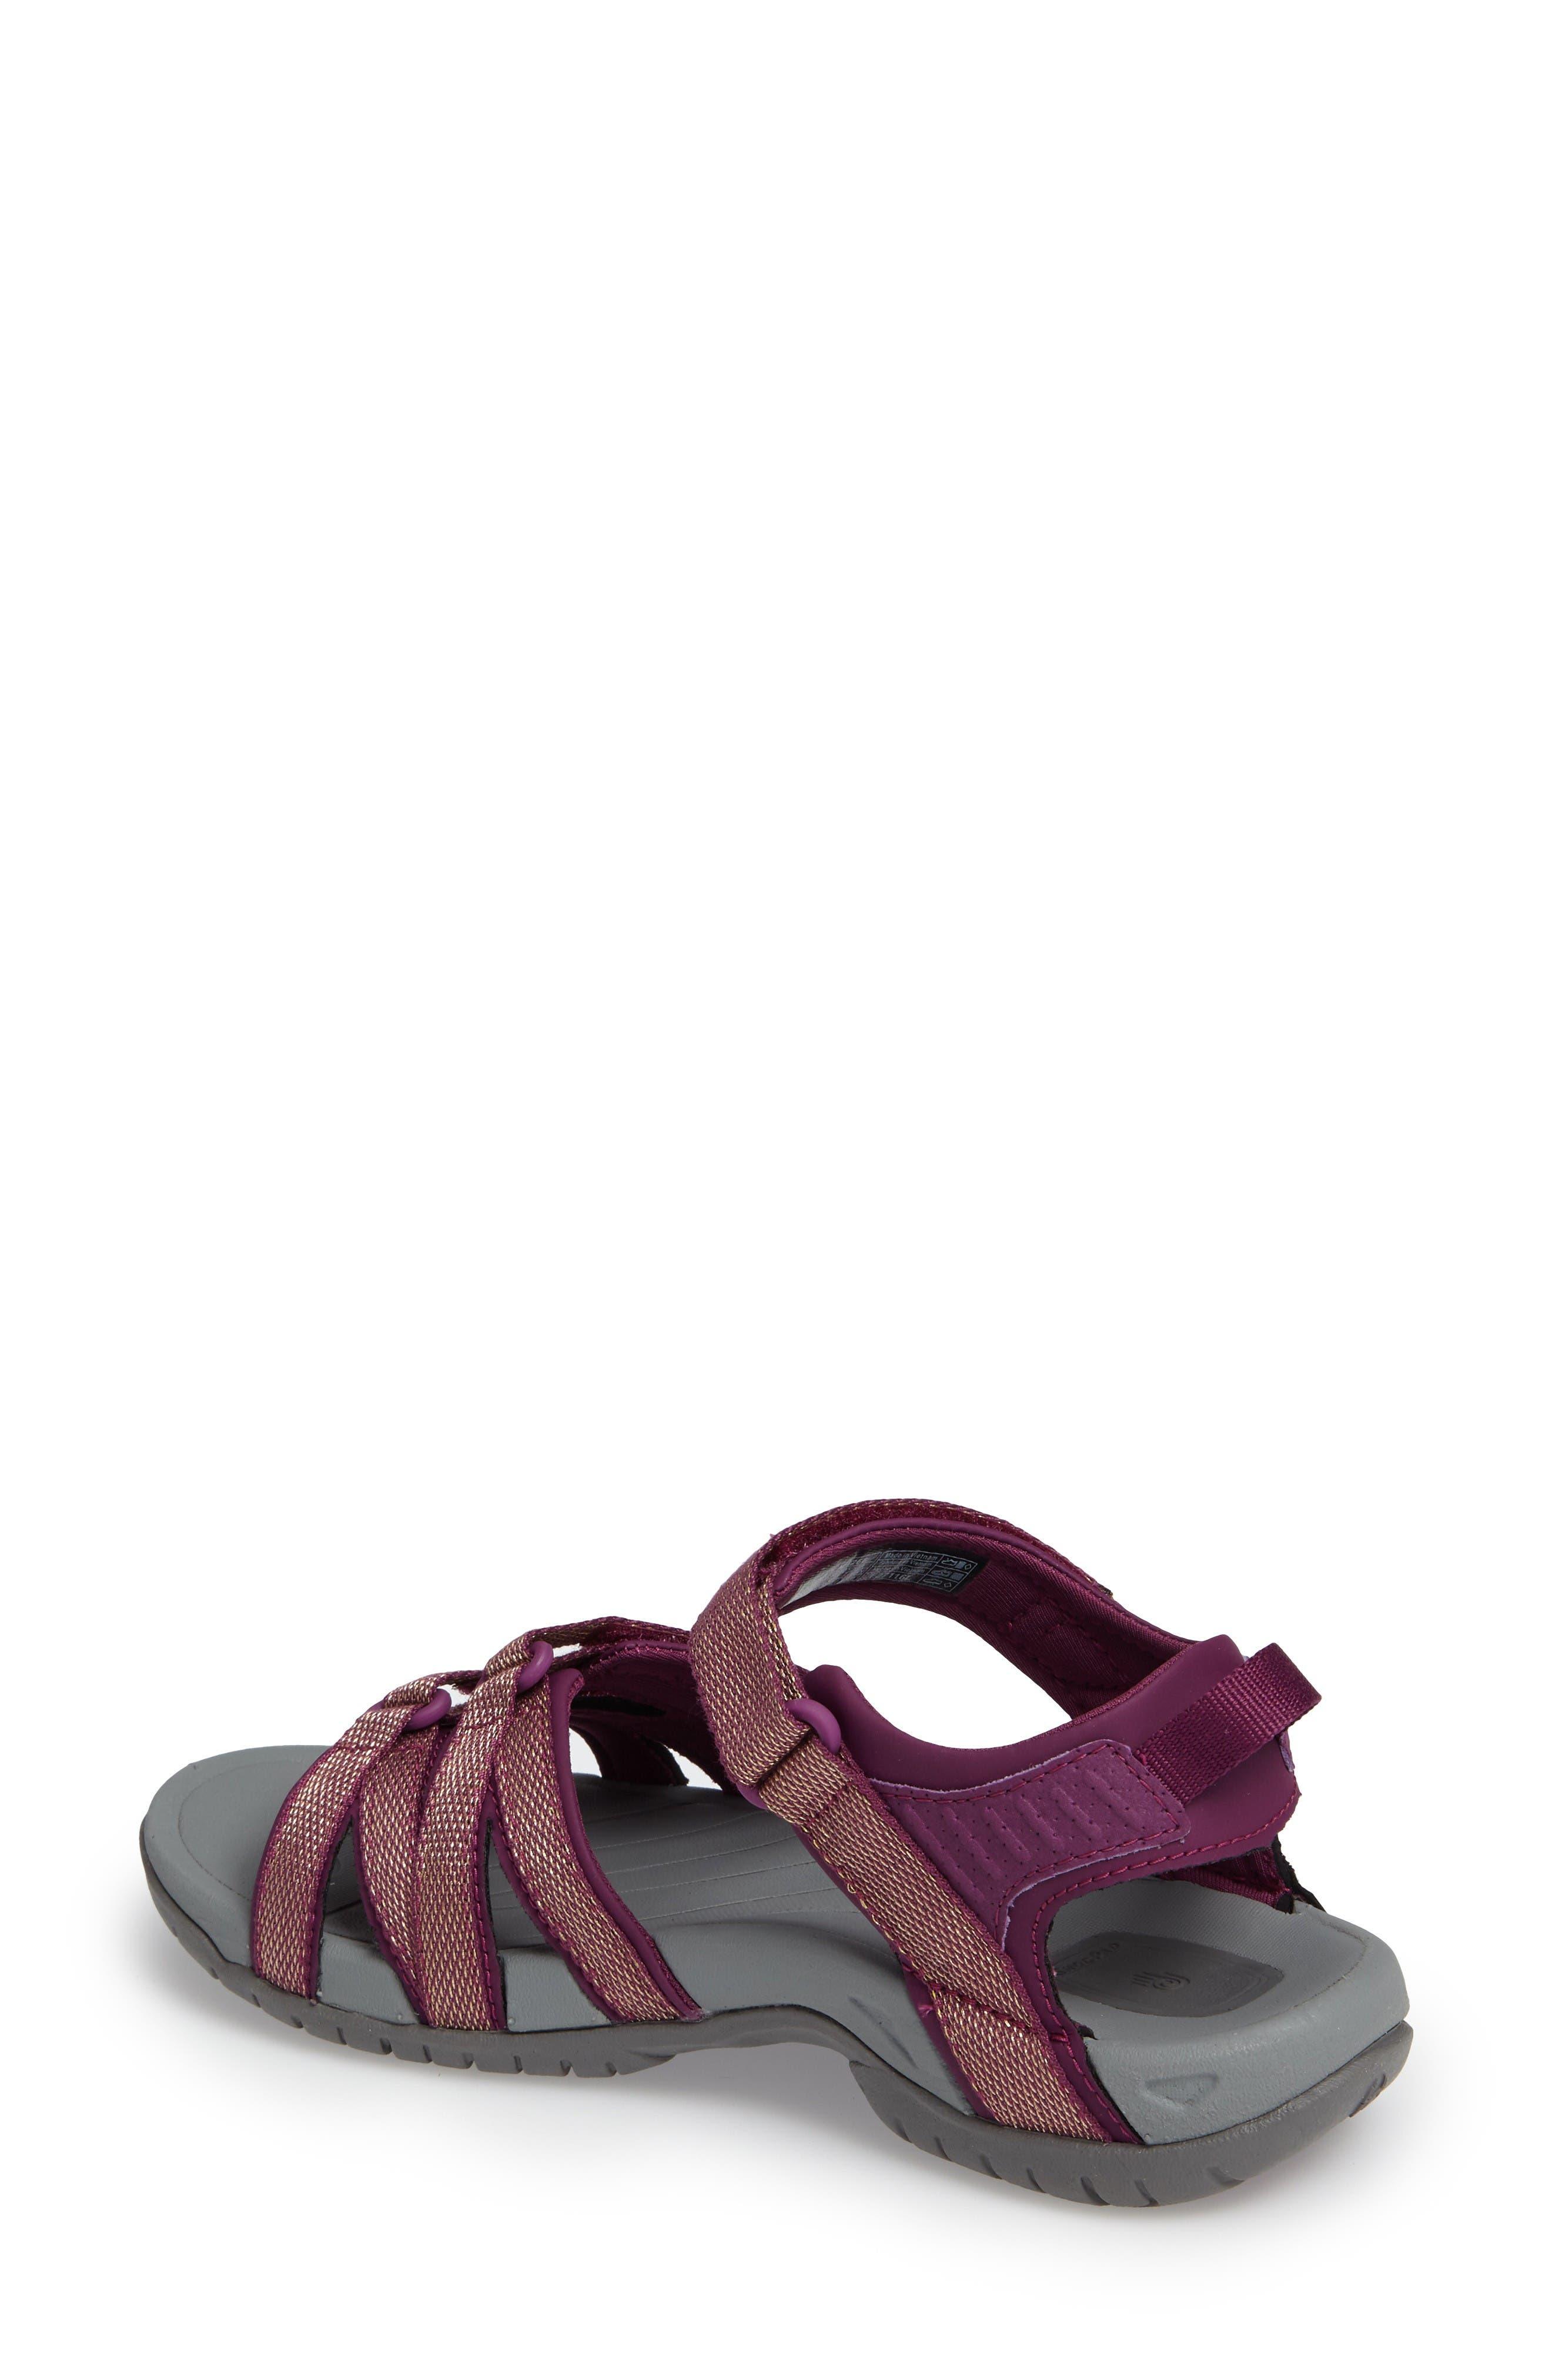 Alternate Image 2  - Teva 'Tirra' Sandal (Women)